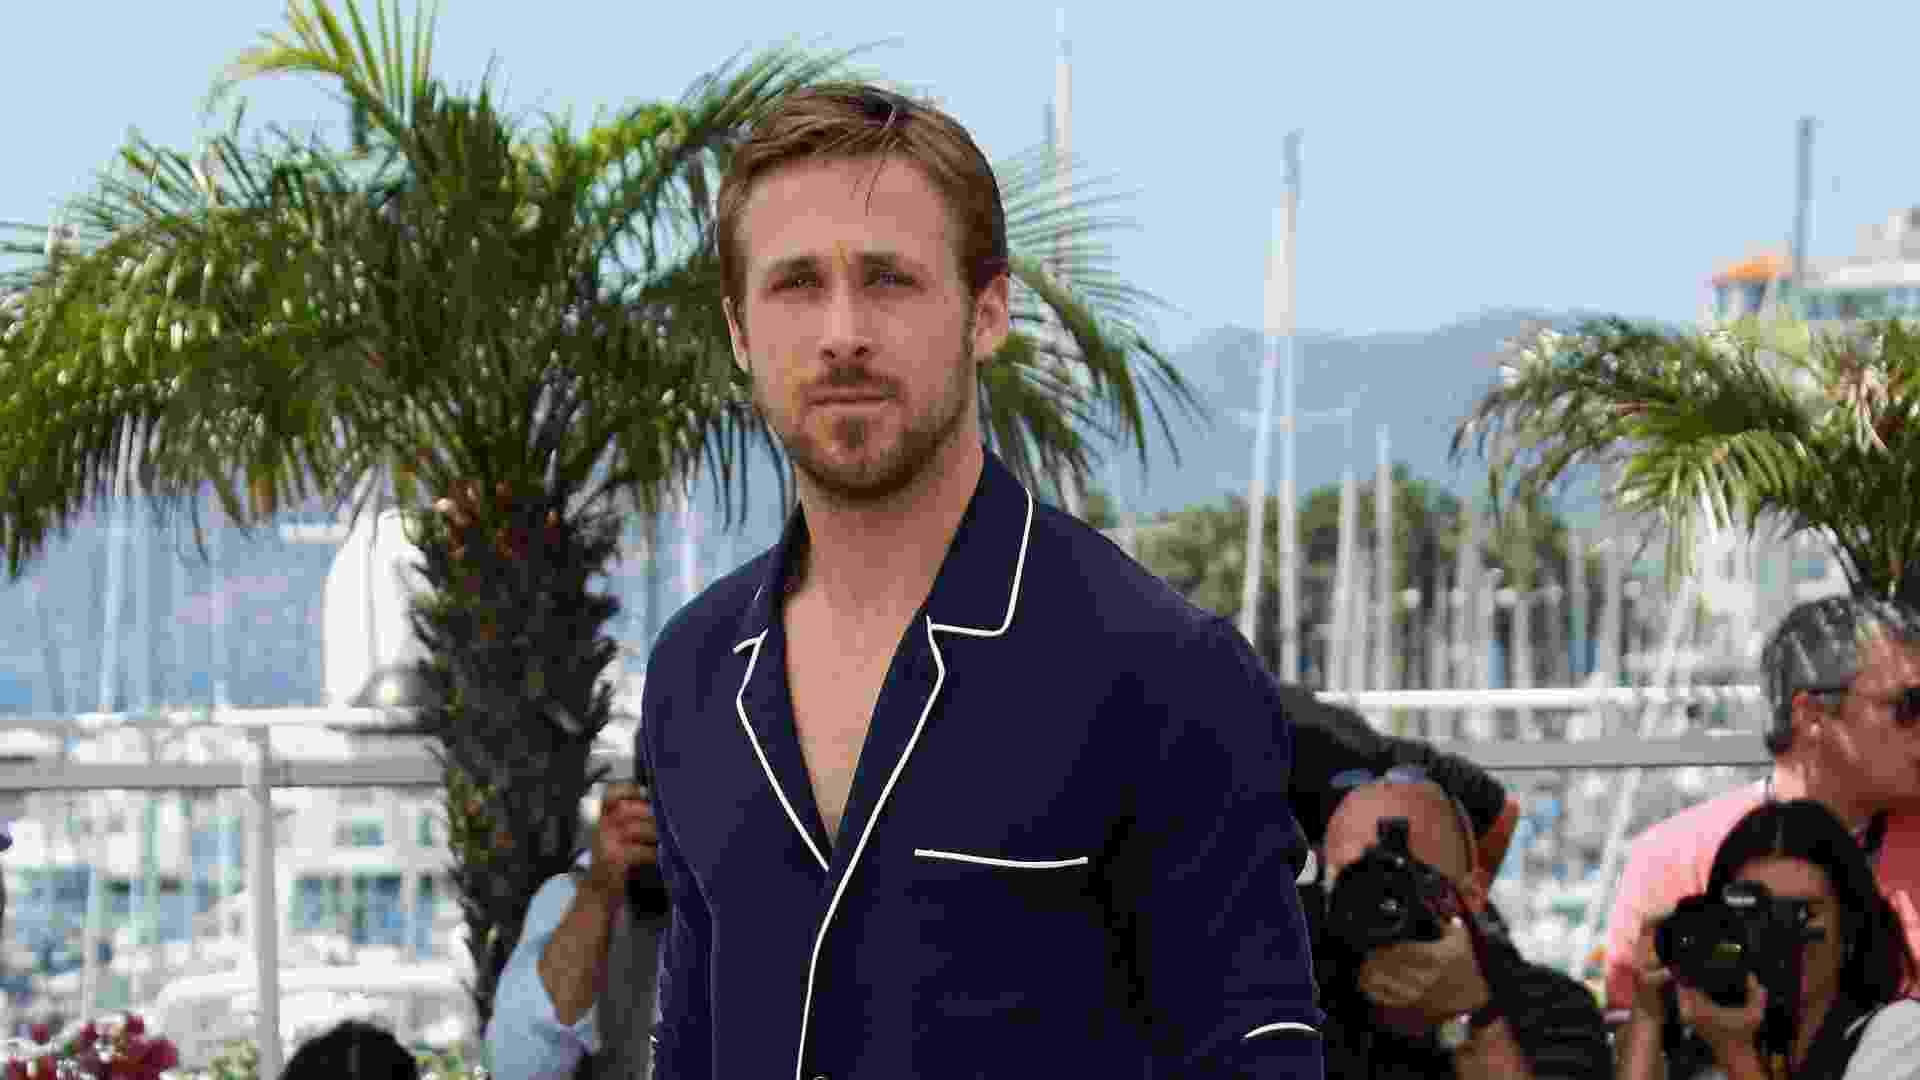 """O ator """"fashionista"""" Ryan Gosling provou que a tendência também é válida para os homens. Para ir ao festival de Cannes, ele manteve a elegância com uma blusa de pijama azul marinho, calça branca e sapato oxford bicolor. Os homens que quiserem aderir à tendência, devem seguir o exemplo do ator e usar as peças passadas, limpas e ajustadas ao corpo, para não parecer que você levantou da cama e não teve tempo de se trocar (20/05/2011) - Getty Images"""